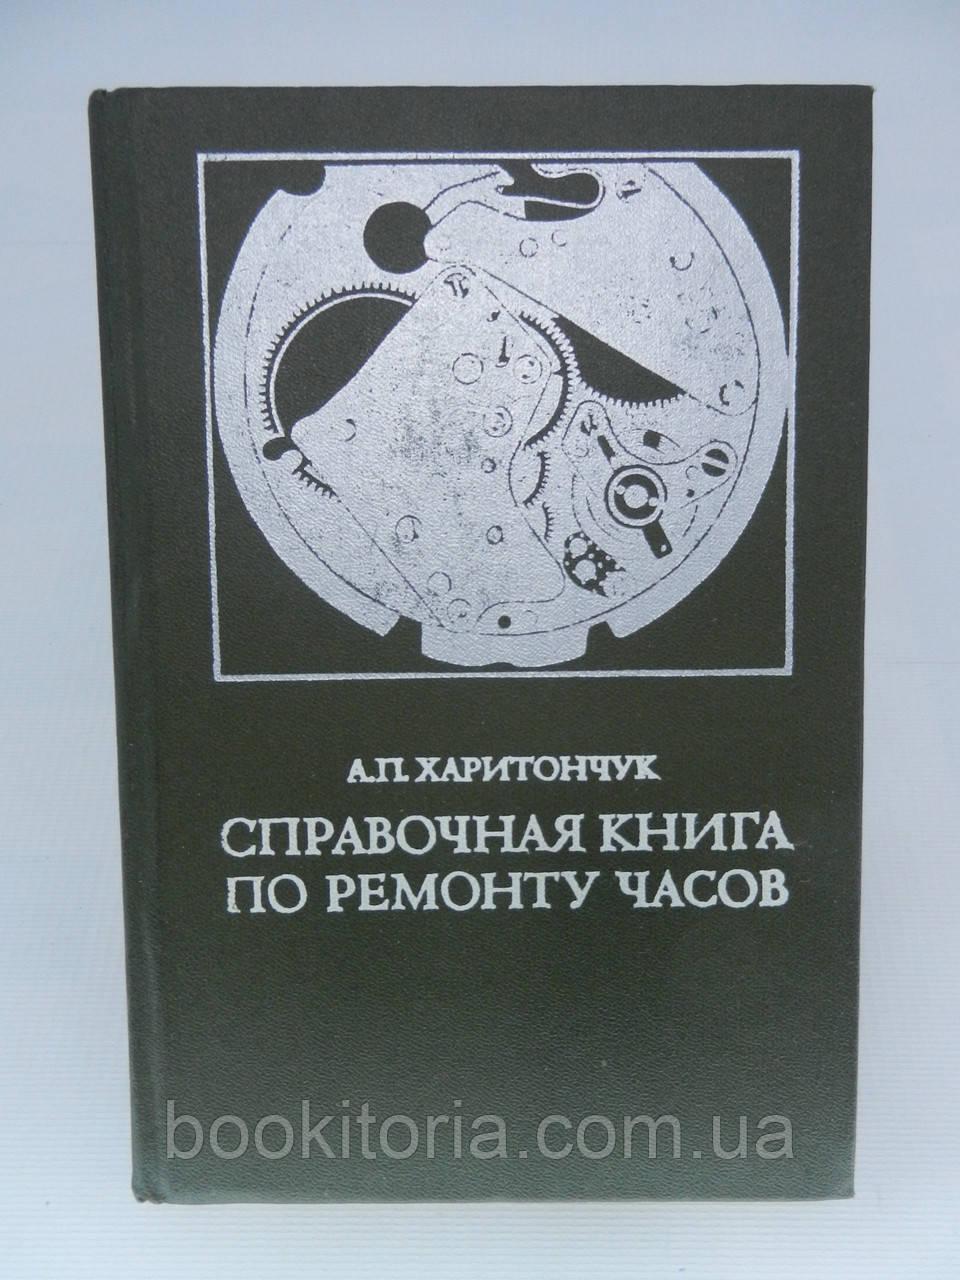 Харитончук А.П. Справочная книга по ремонту часов (б/у).